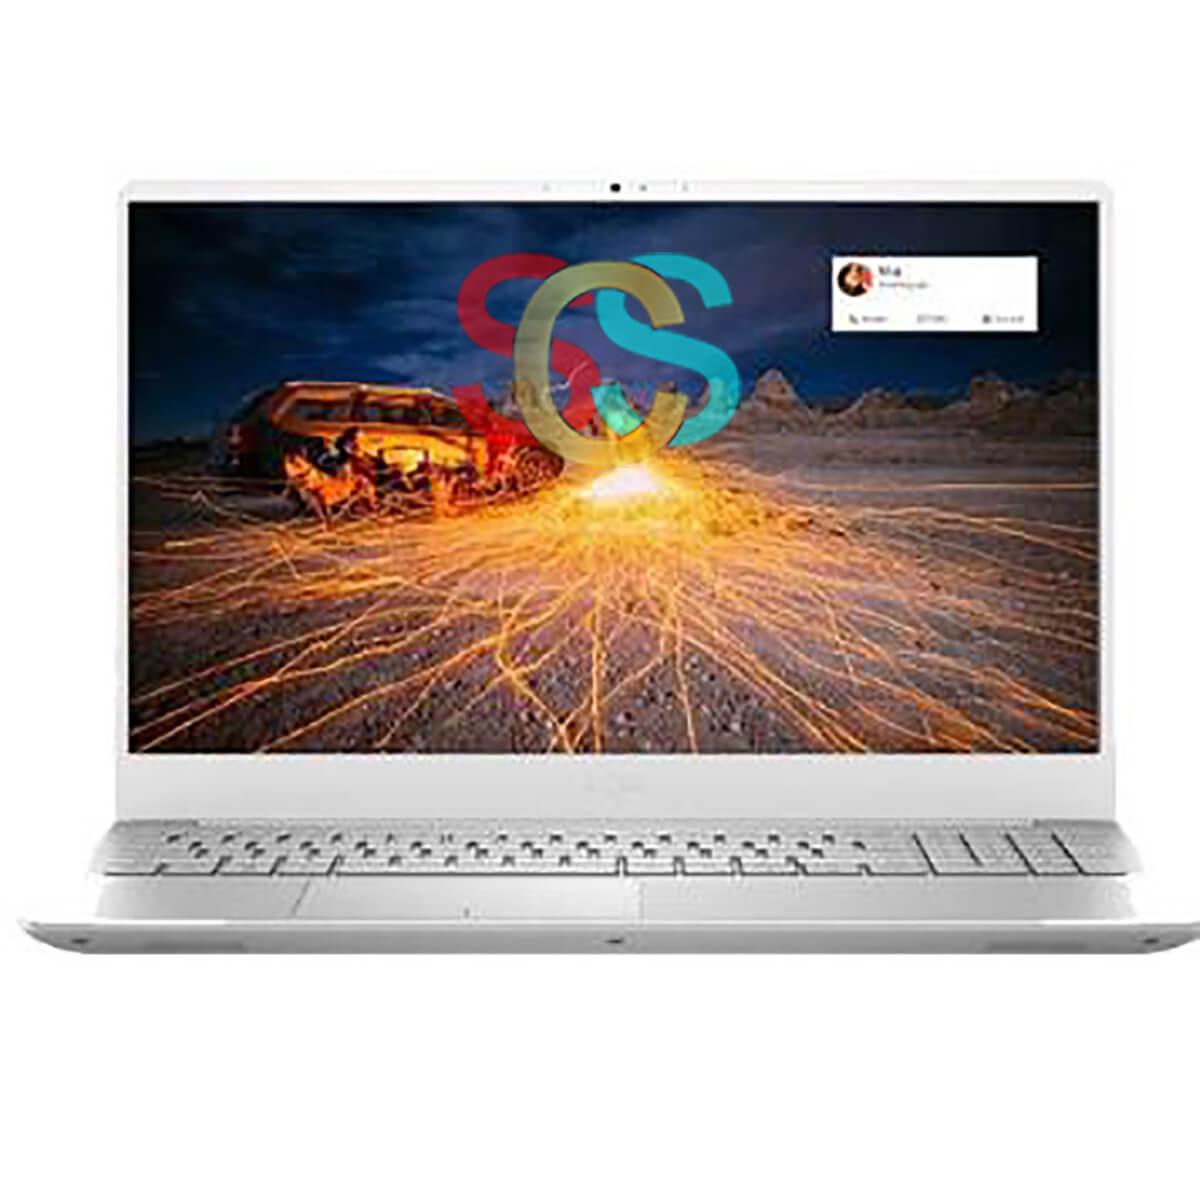 Dell Inspiron 15-7591 9th Gen Intel Core i5 9300H Silver Notebook